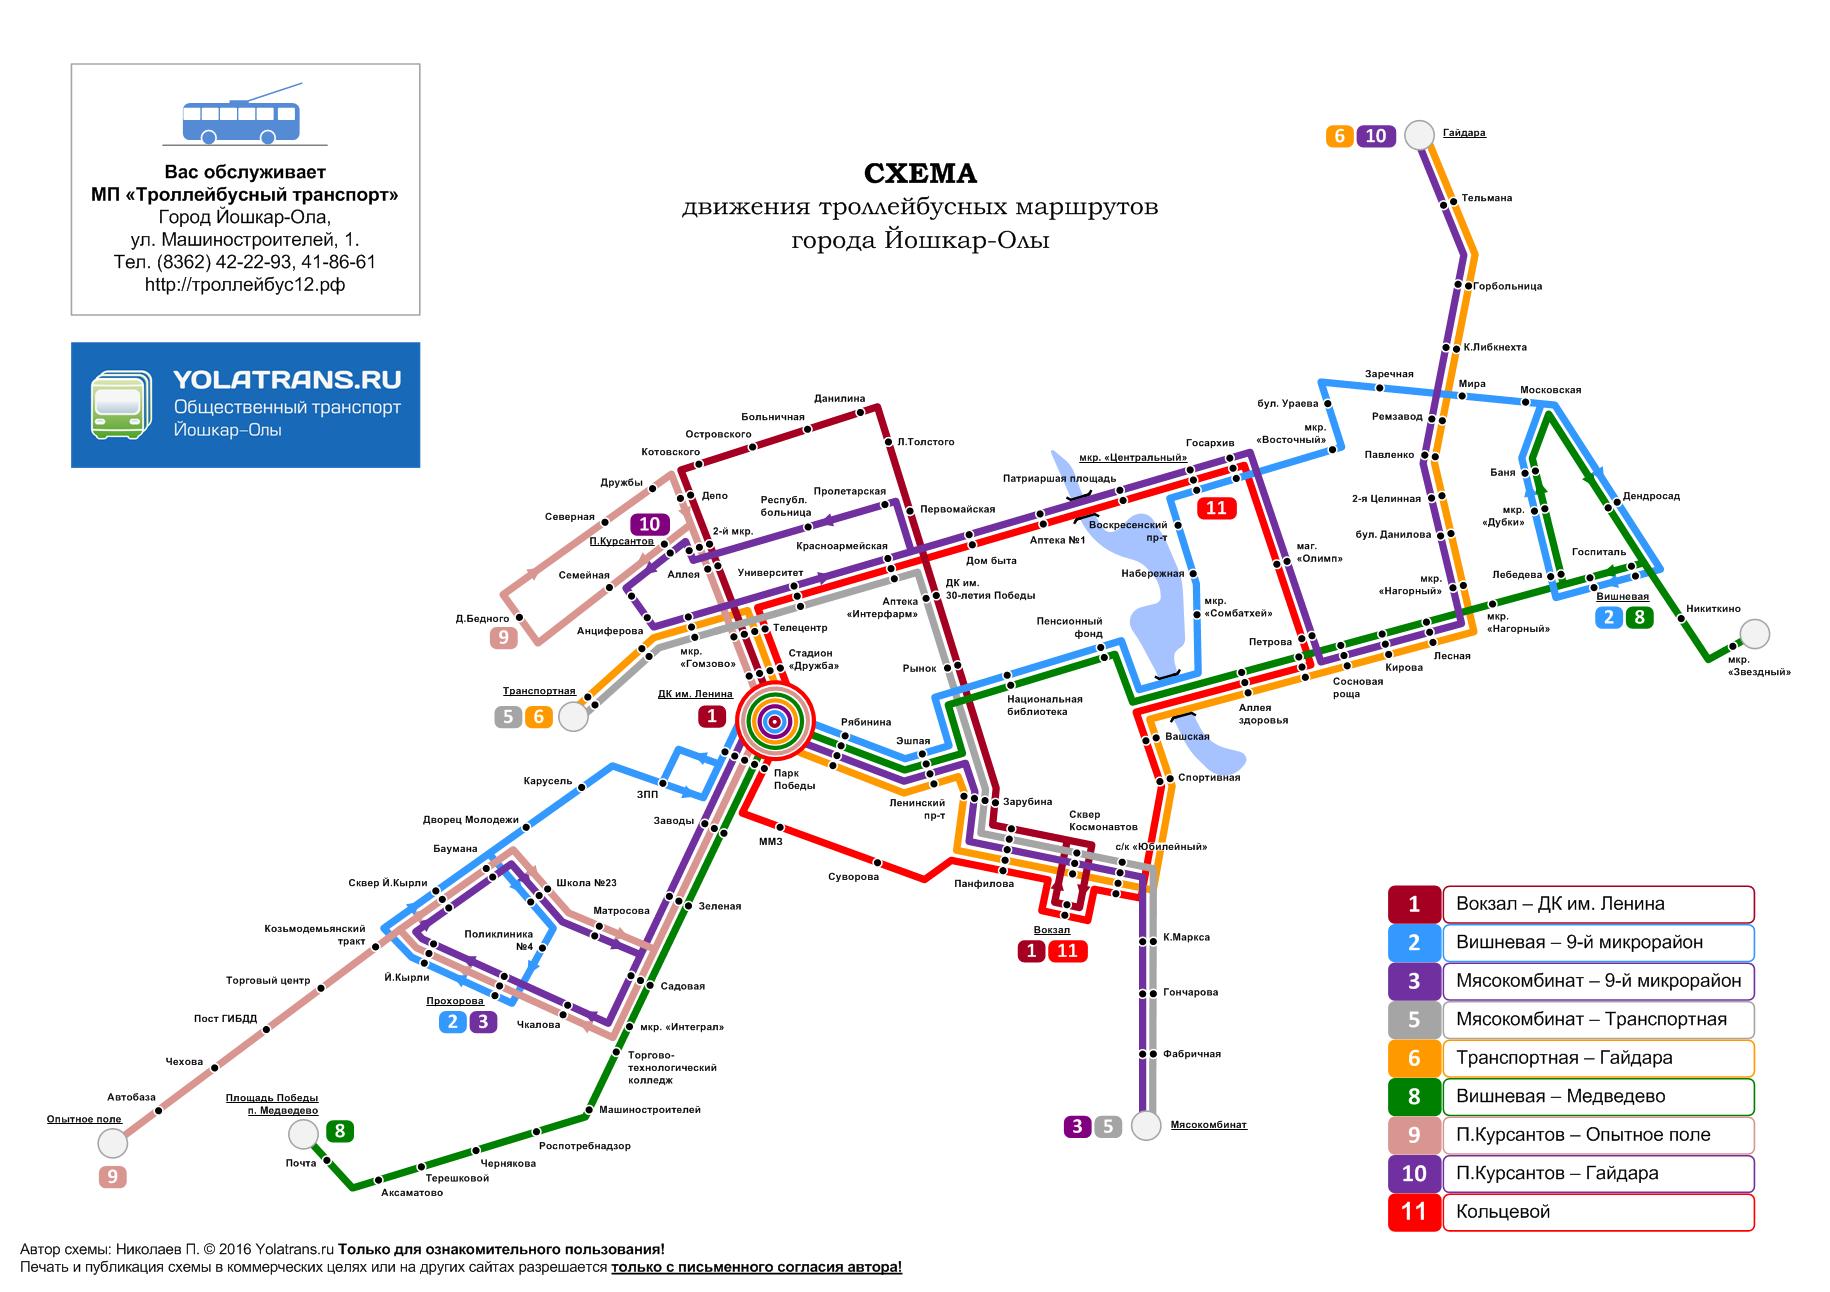 Схема маршрутки 22 йошкар-ола